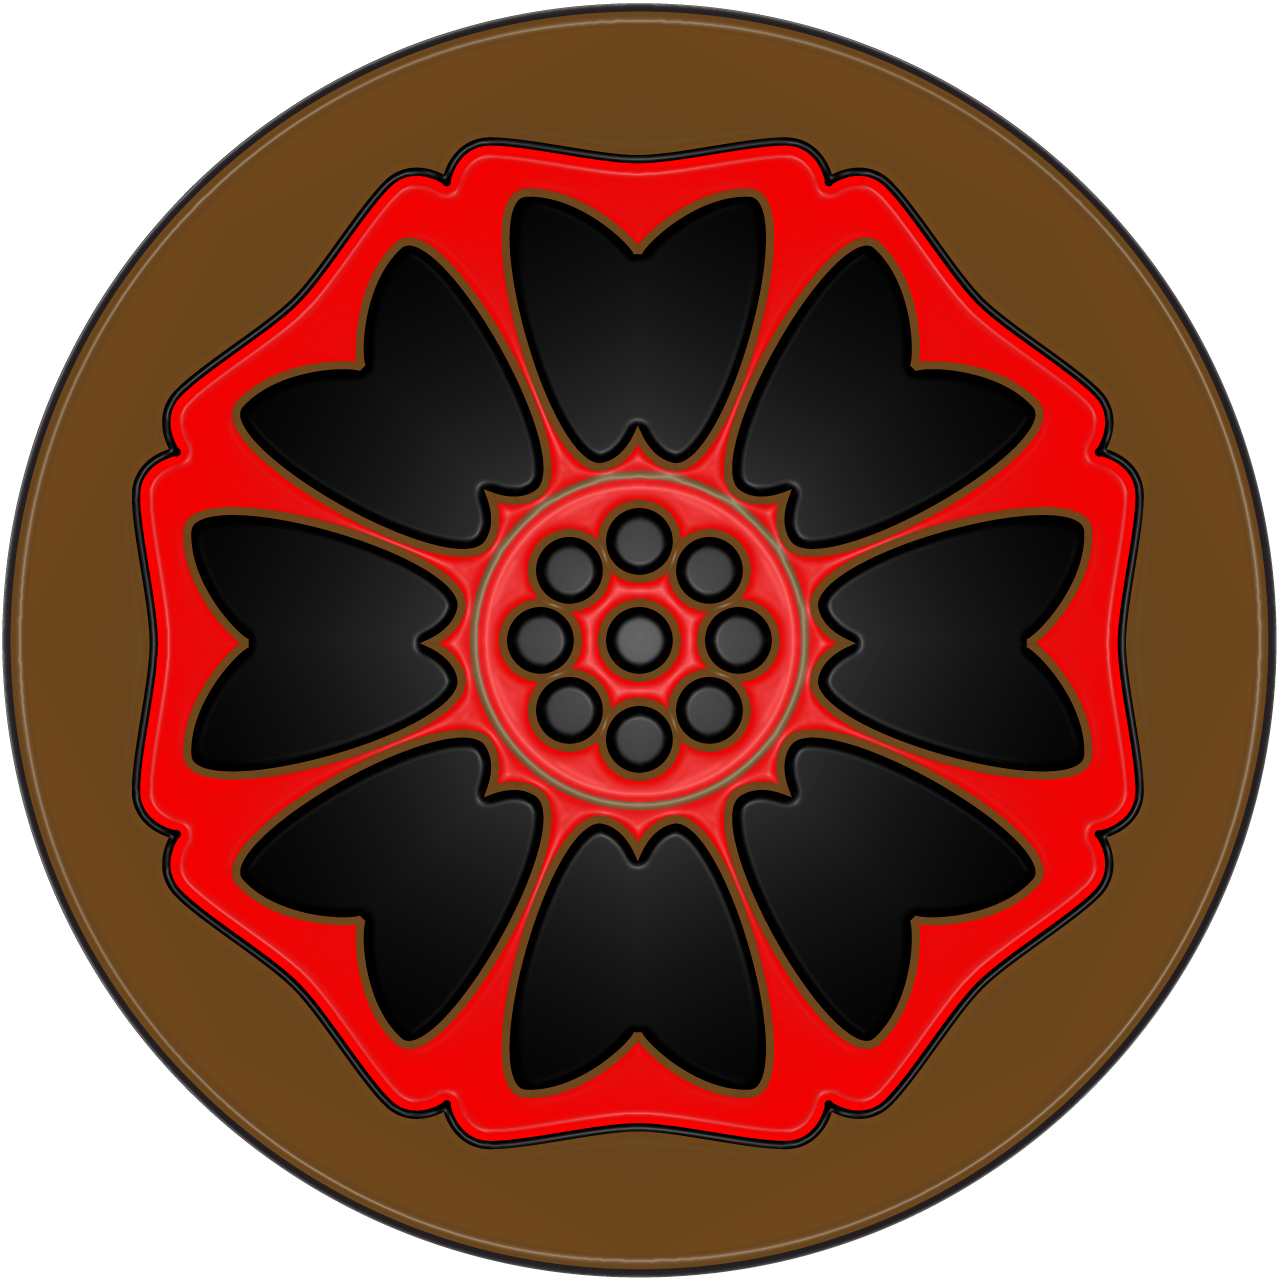 Lotus clipart red lotus. Image black tile png